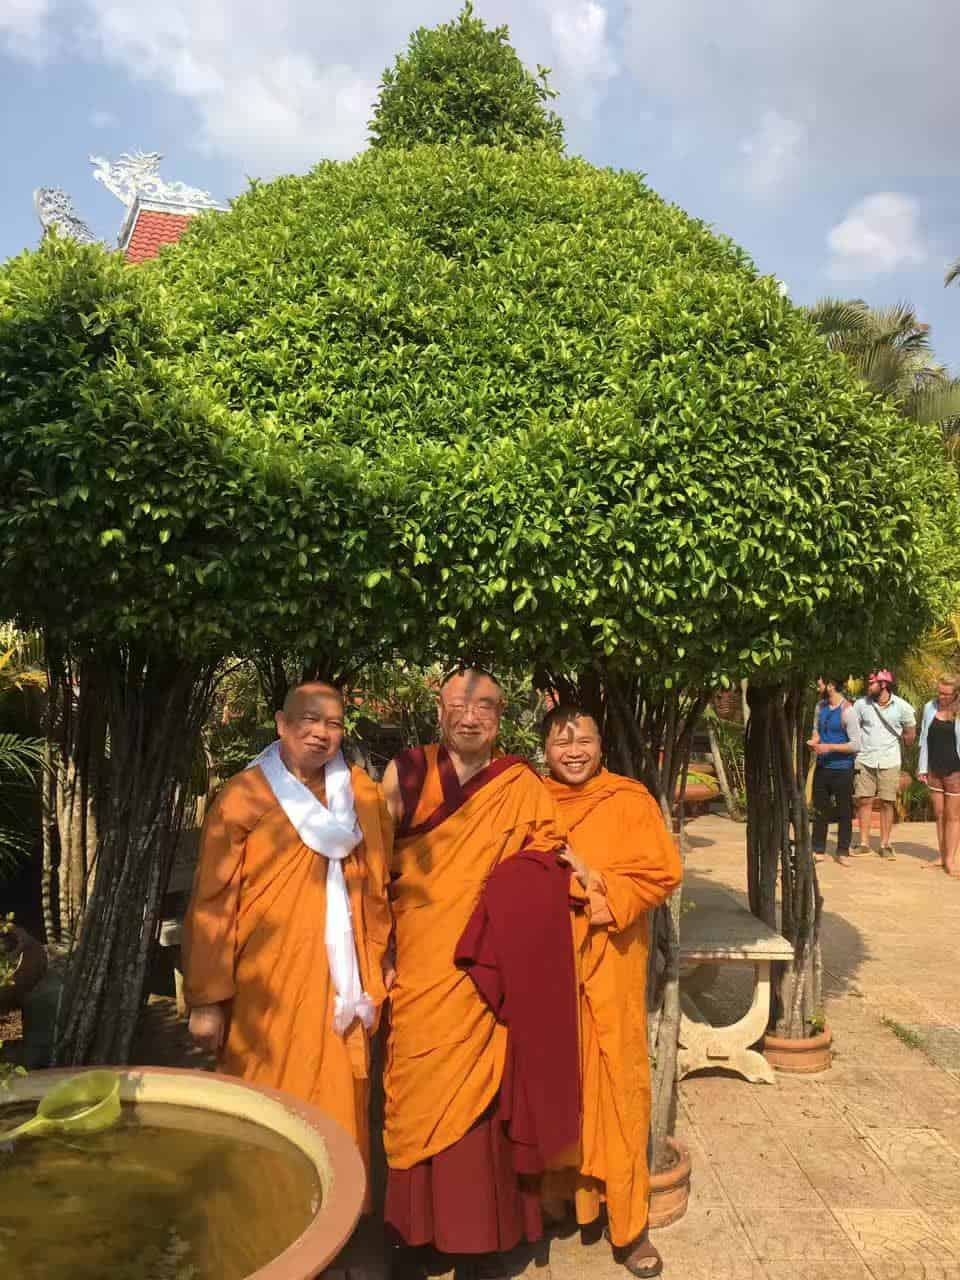 Gosok Rinpoche Vietnam 2017-03-06 084c49067b0e8dd164bb04bffd7cc8e